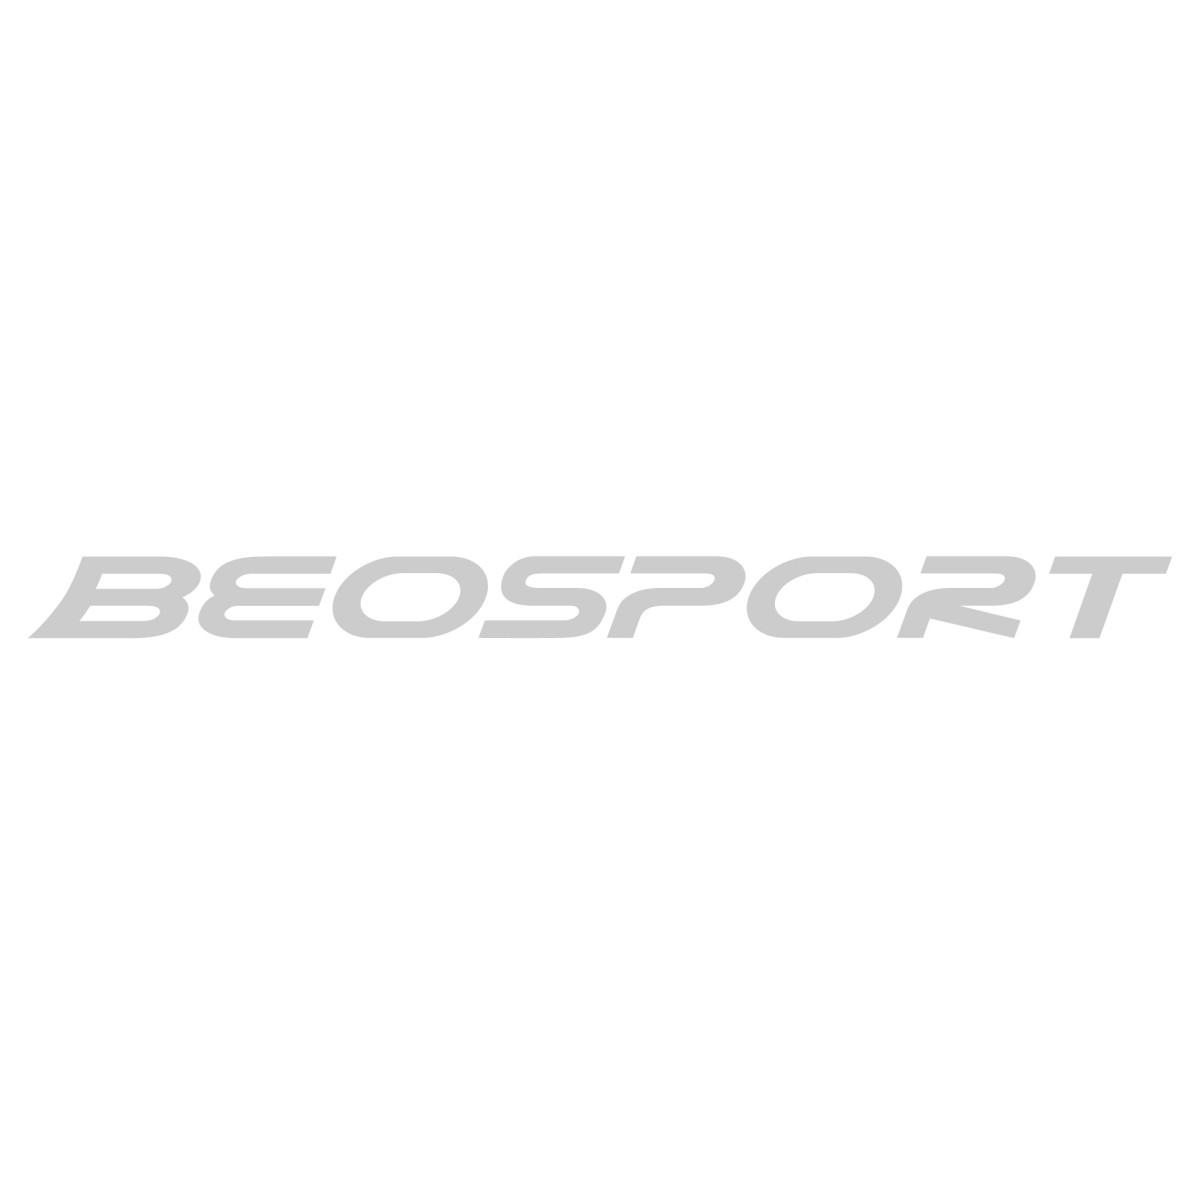 Shred Nastify Vegas naočare